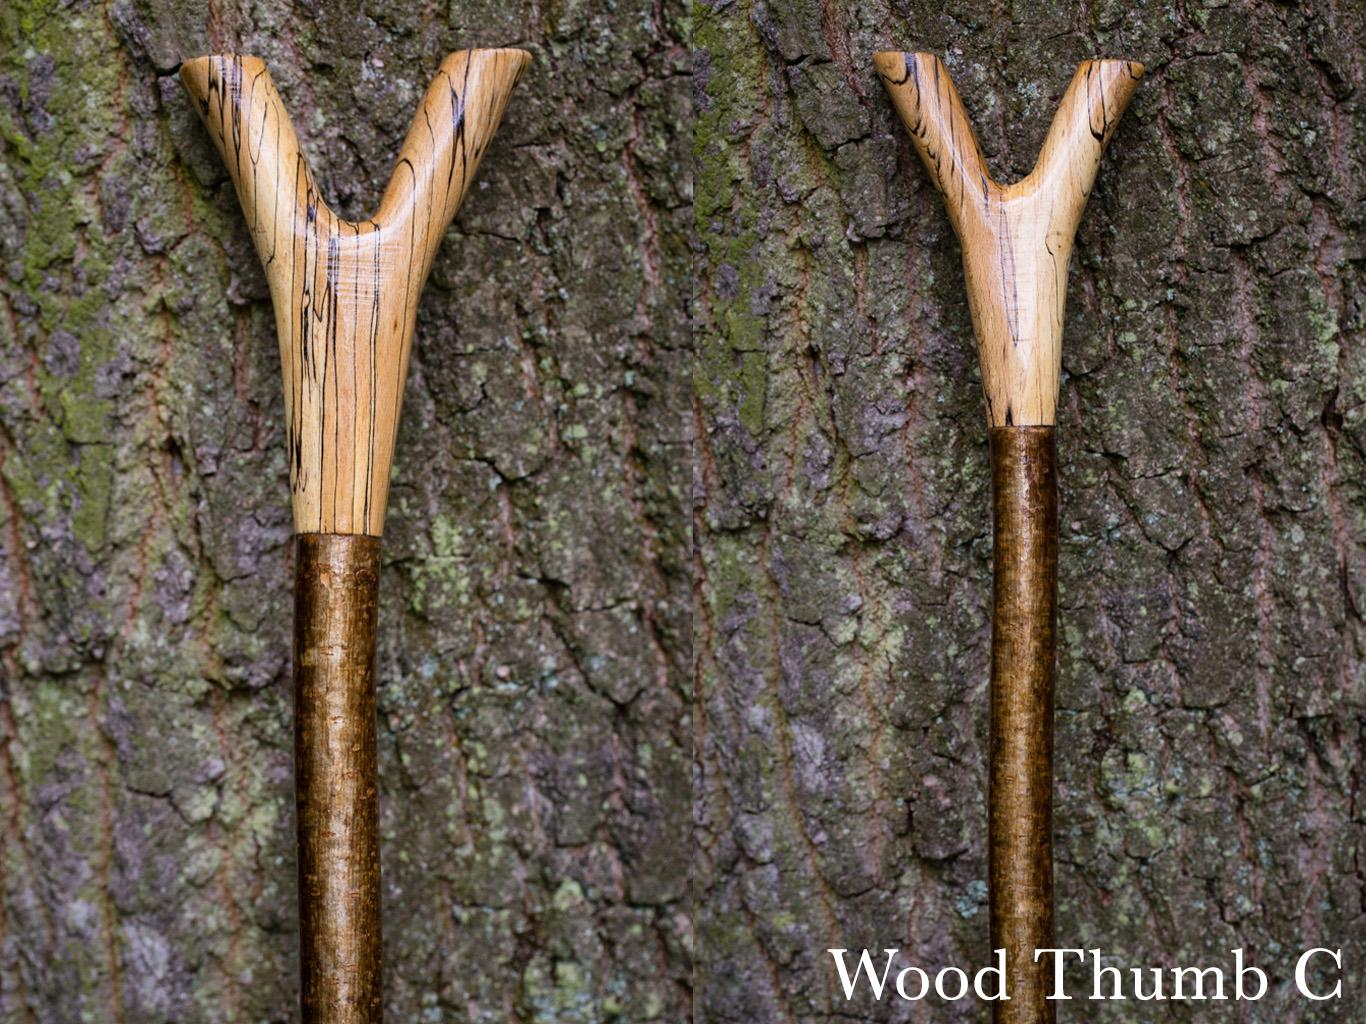 C Wood Thumb